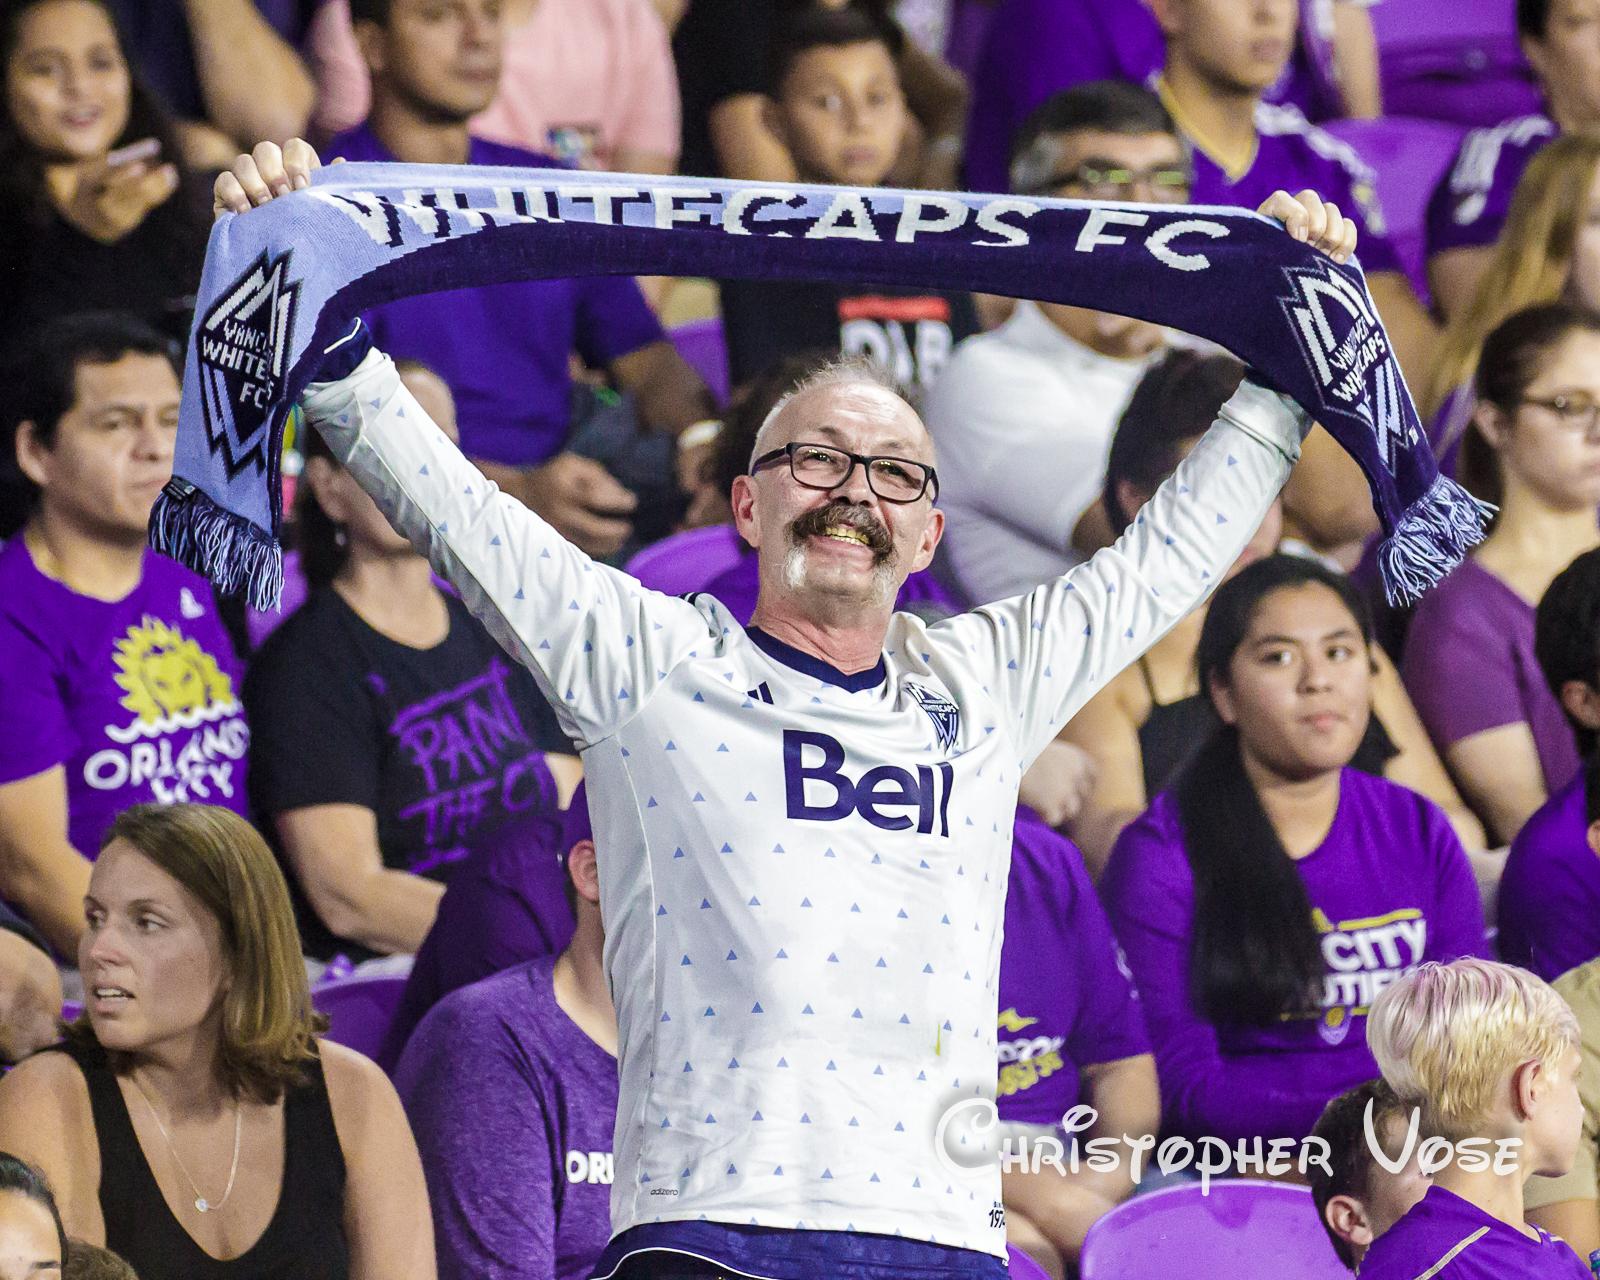 2017-08-26 Vancouver Whitecaps FC Support Goal Reaction (Brek Shea).jpg